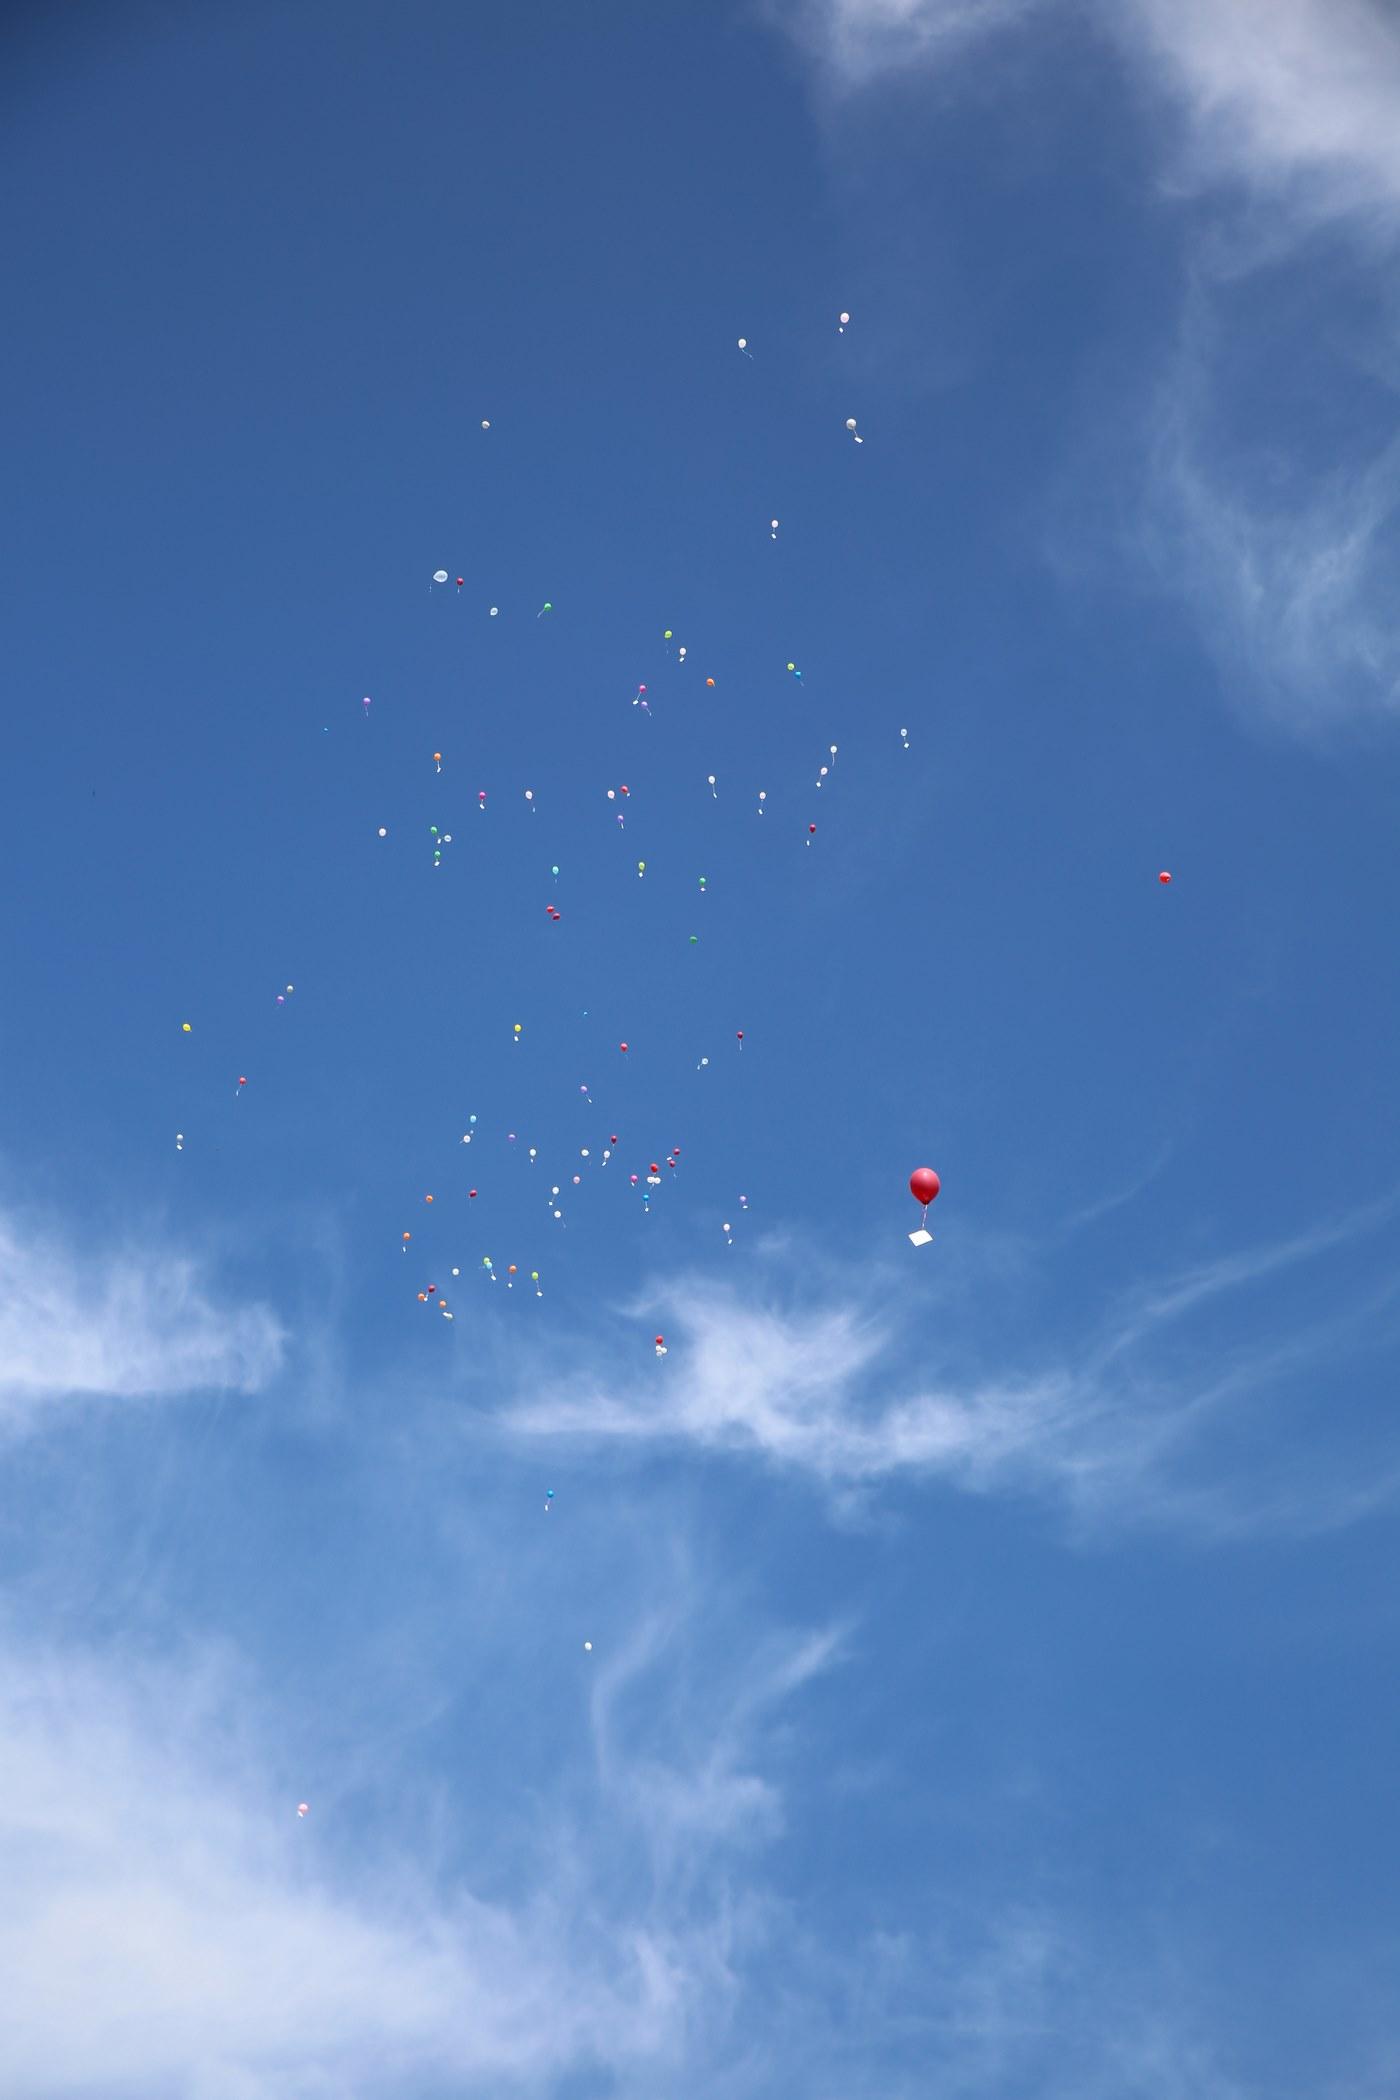 Buten Helium Ballons fliegen im blaunen Himmel fern